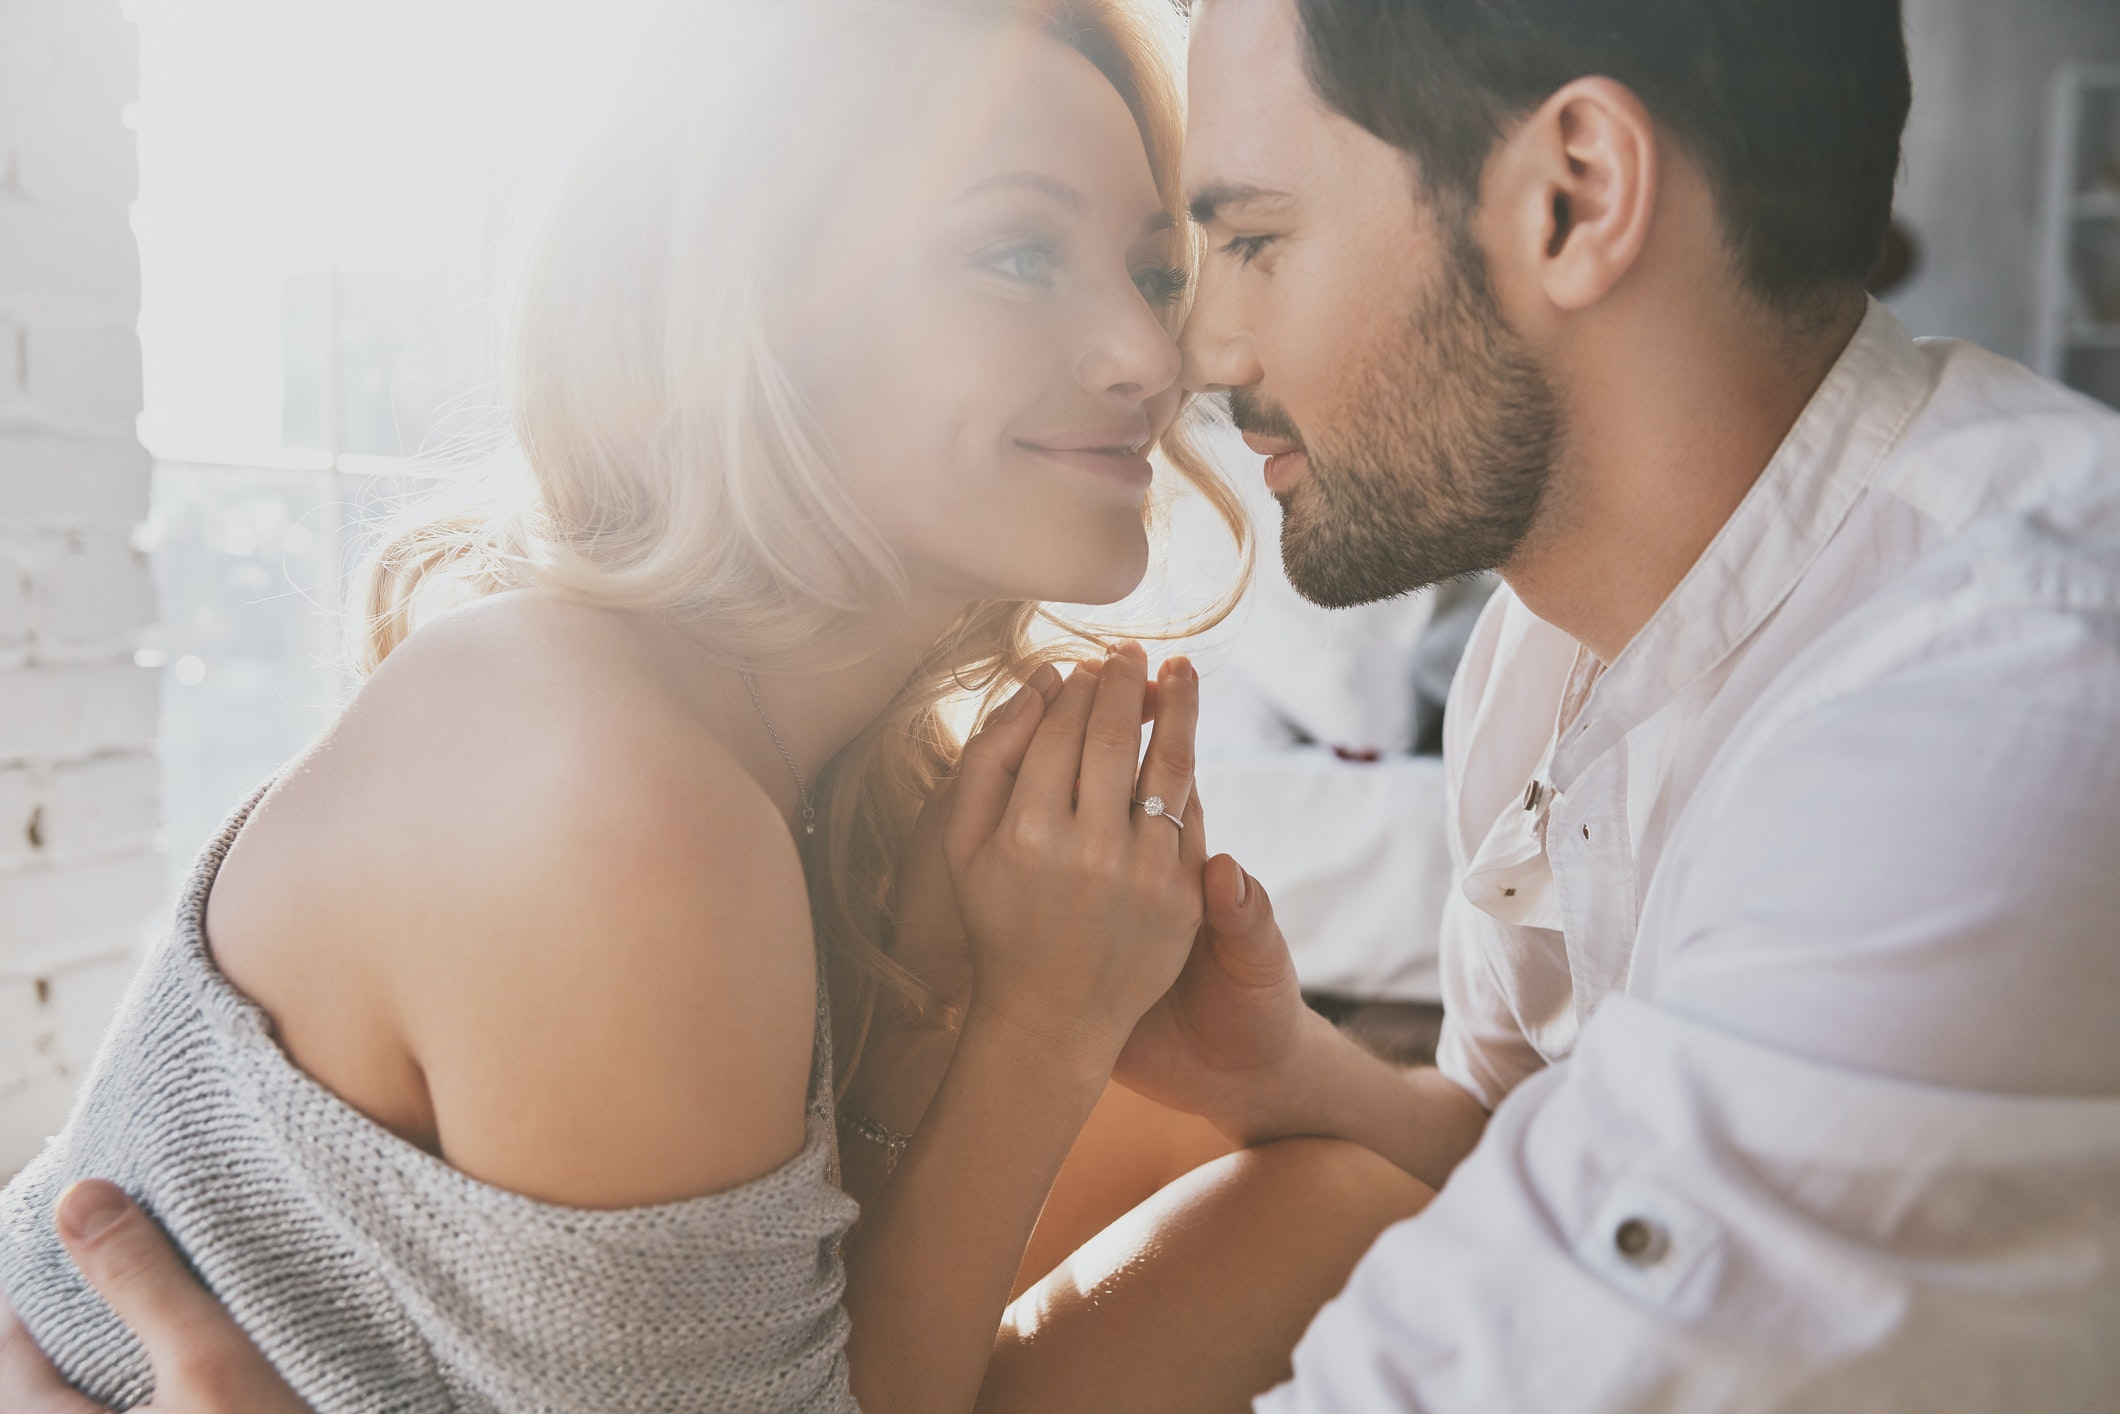 hvordan ved man at man er forelsket